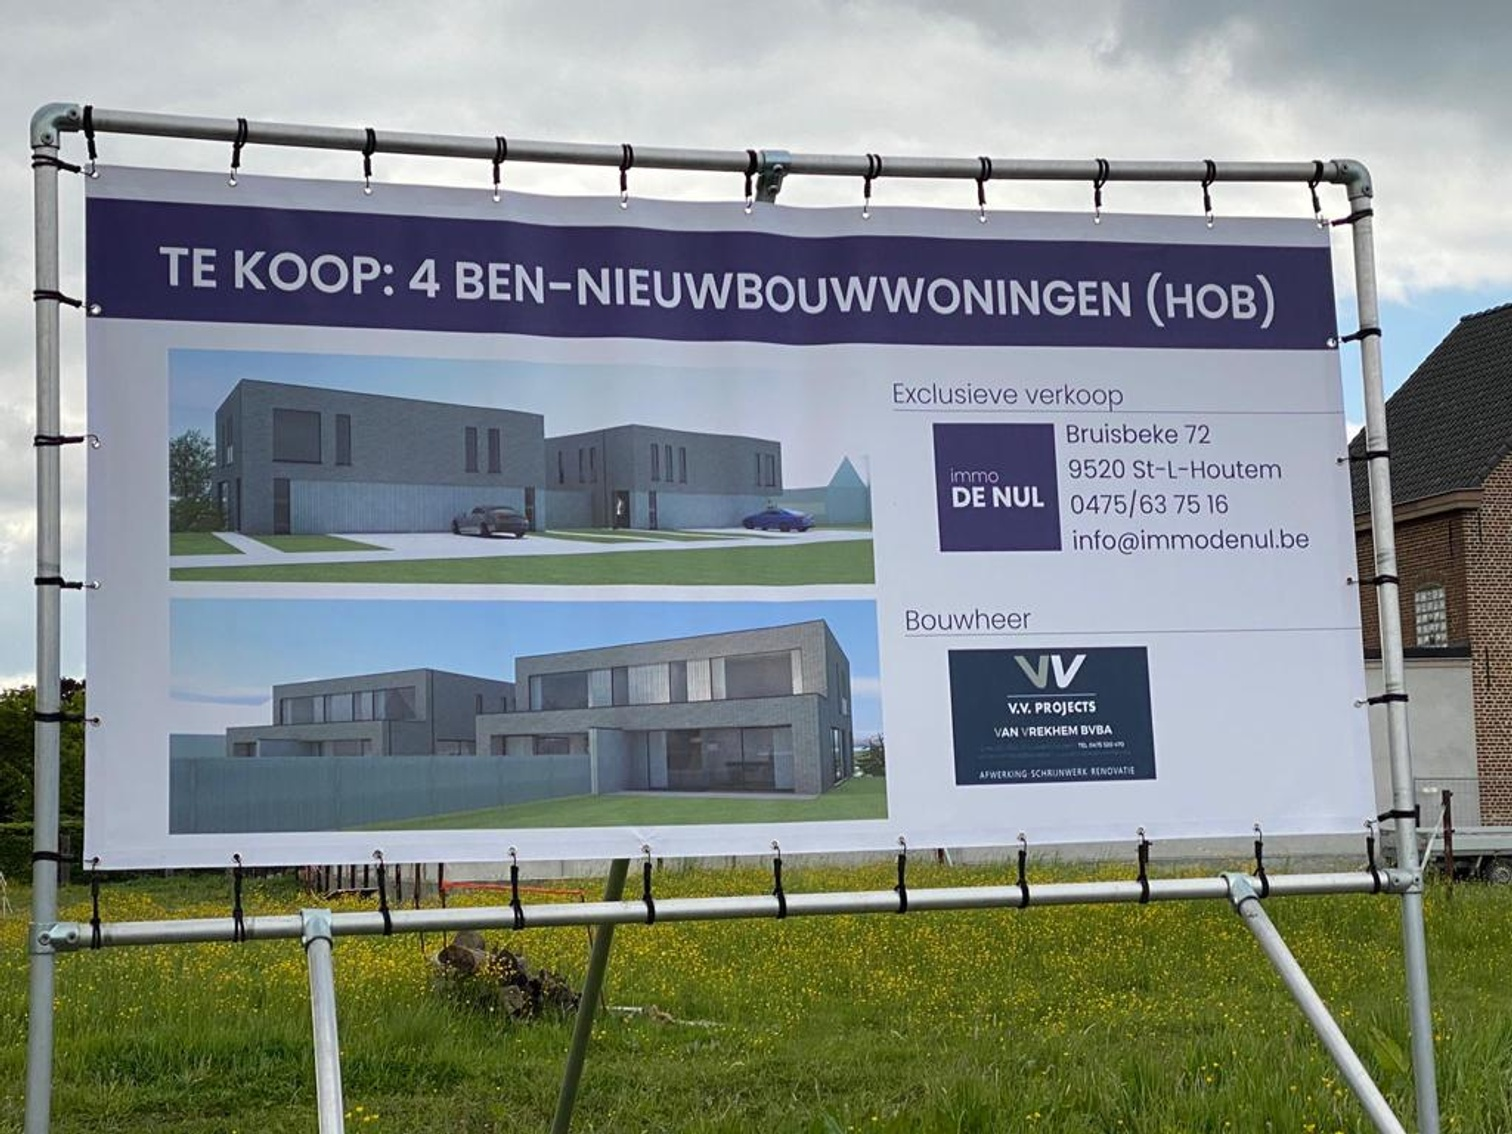 Van Vrekhem - V.V. Projects logo